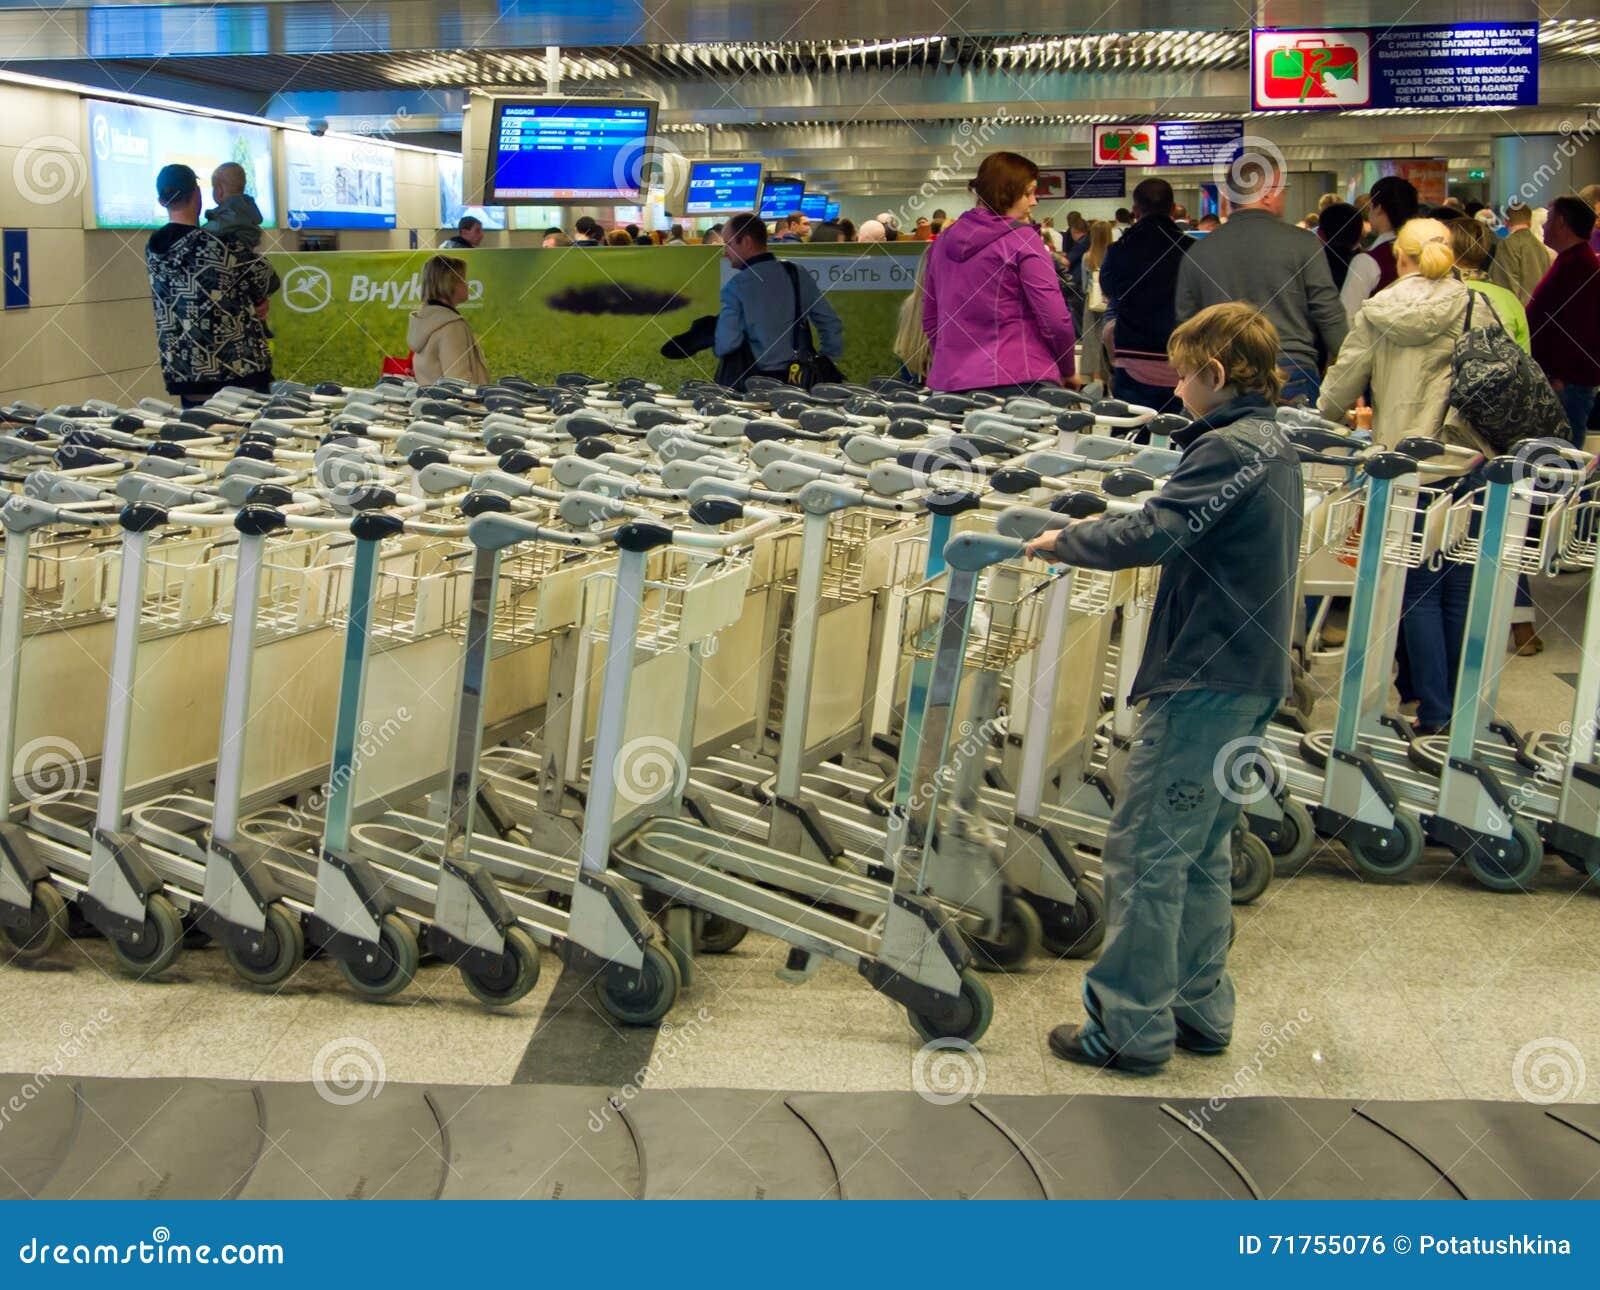 Οι επιβάτες στις αποσκευές παίρνουν την αίθουσα του αερολιμένα Vnukovo, Μόσχα, Ρωσία